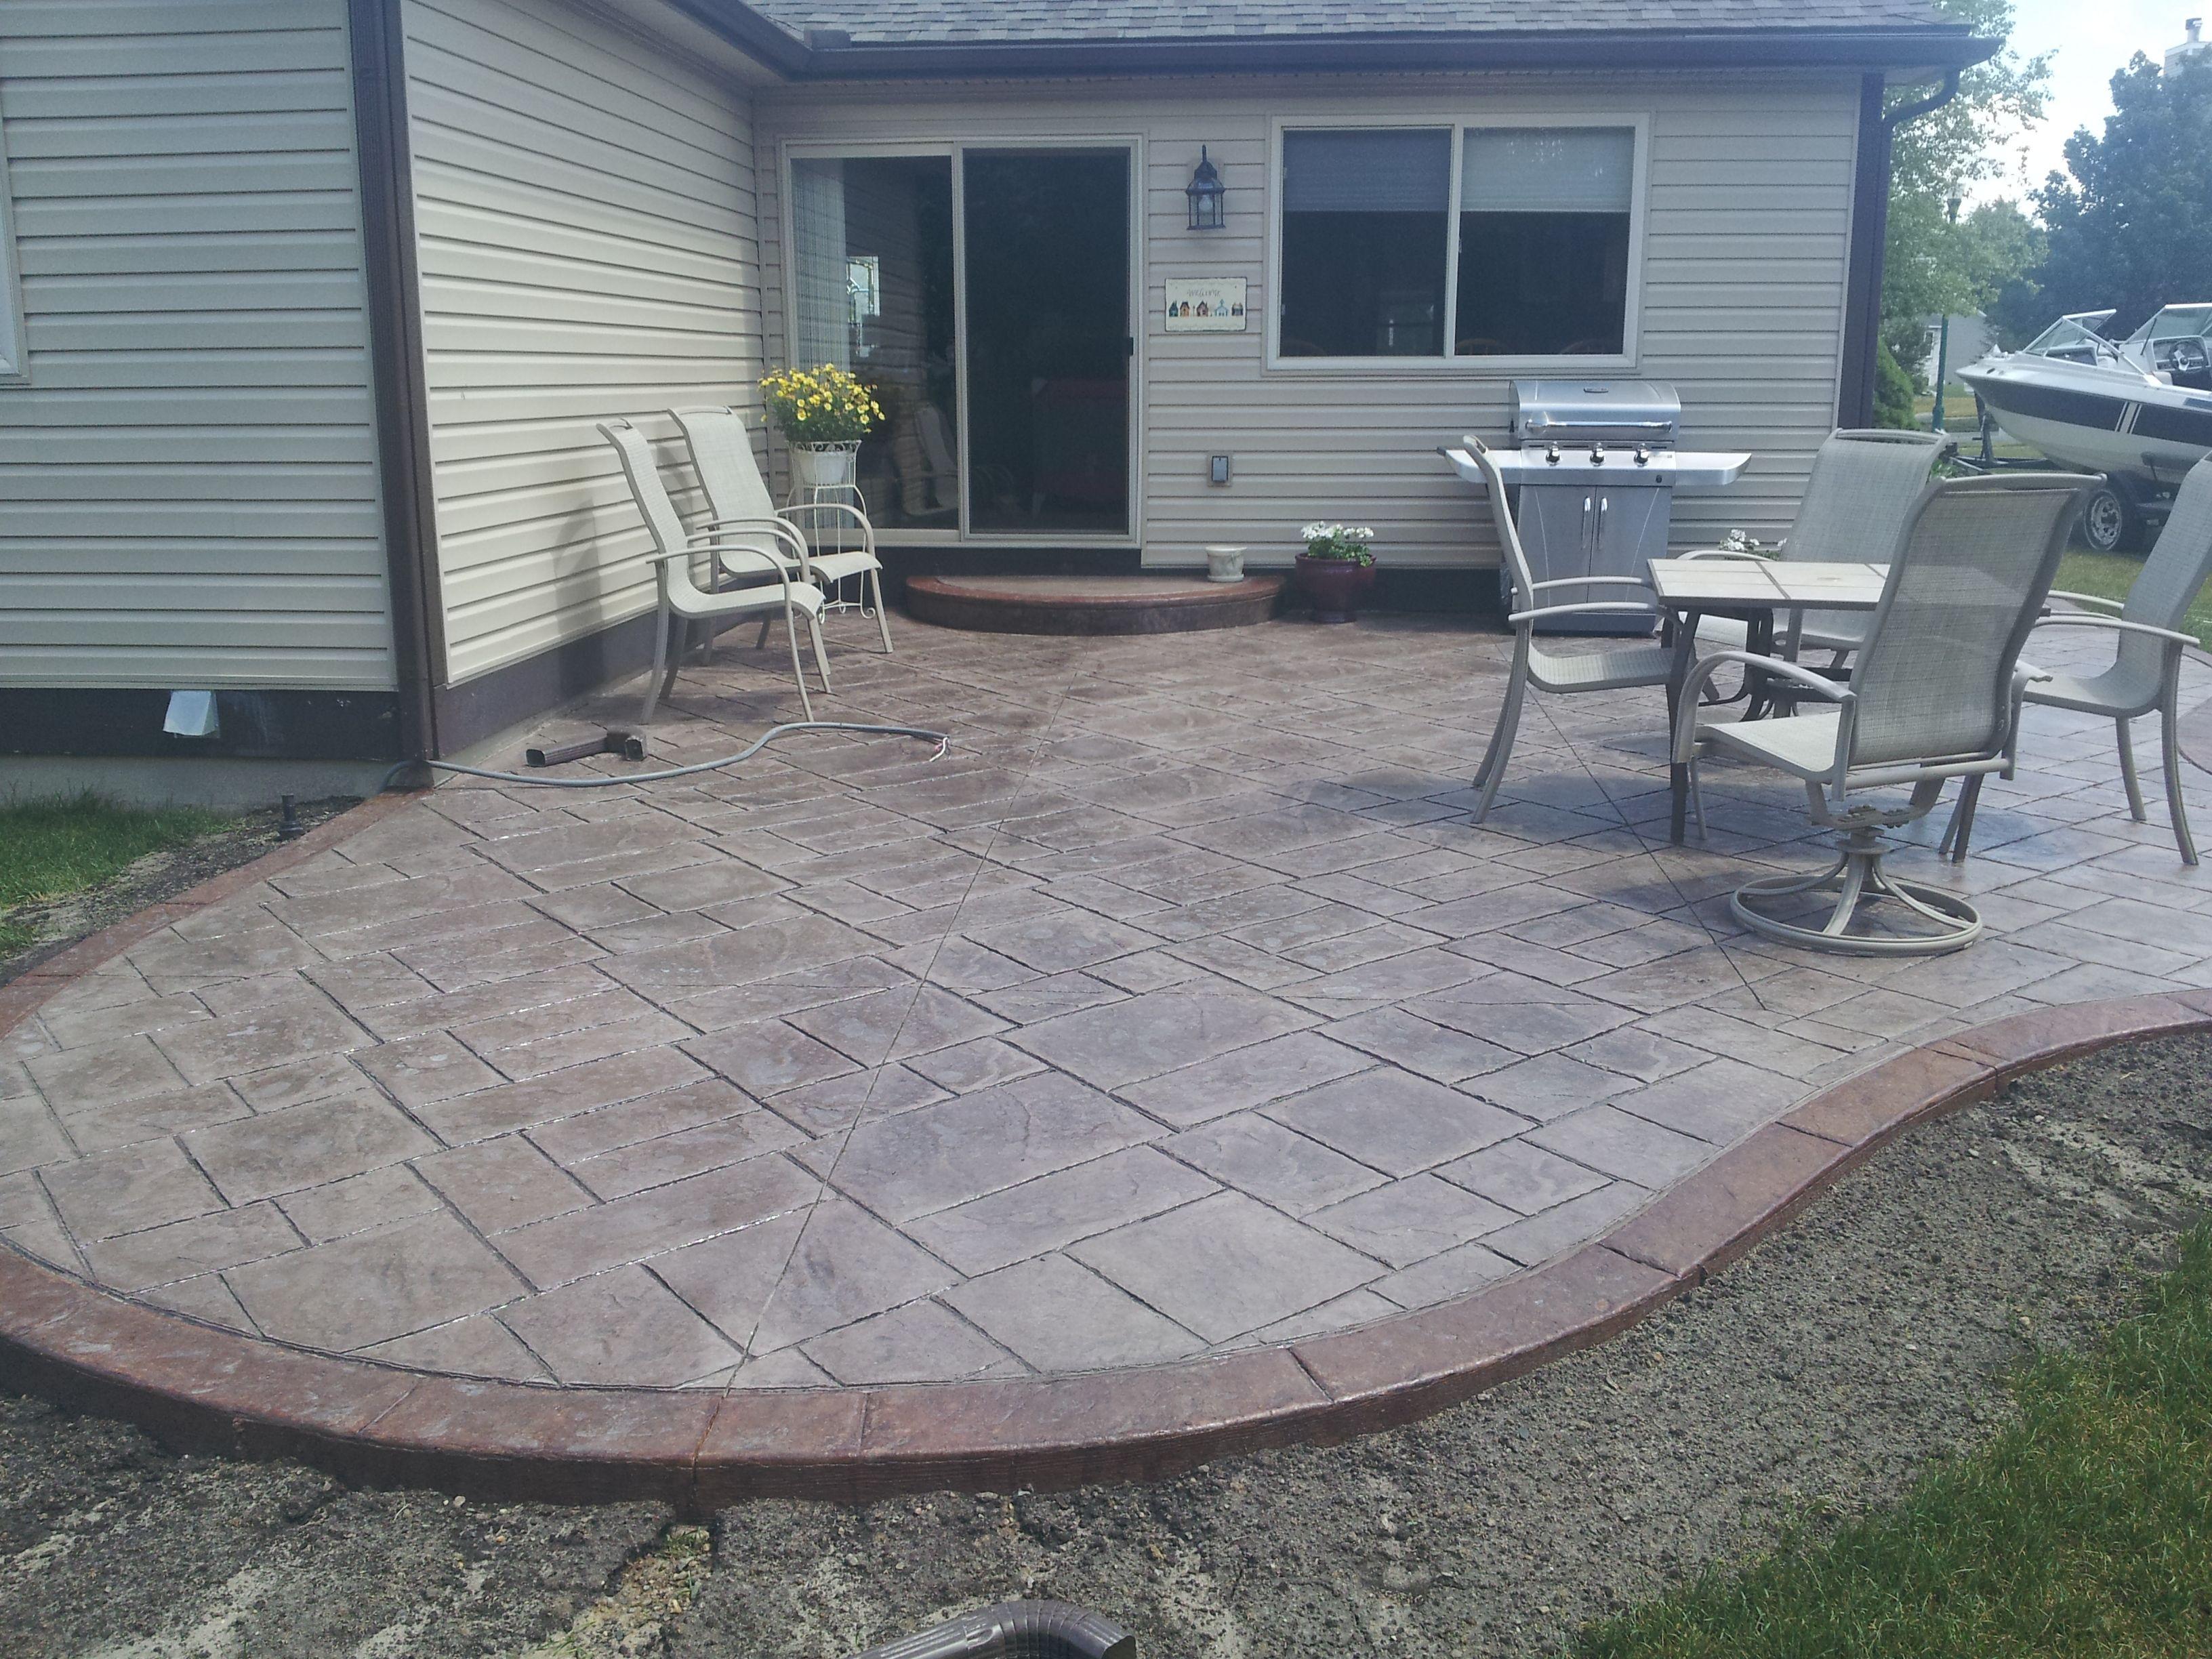 Best ideas about Concrete Patio Ideas . Save or Pin concrete patio design ideas Now.